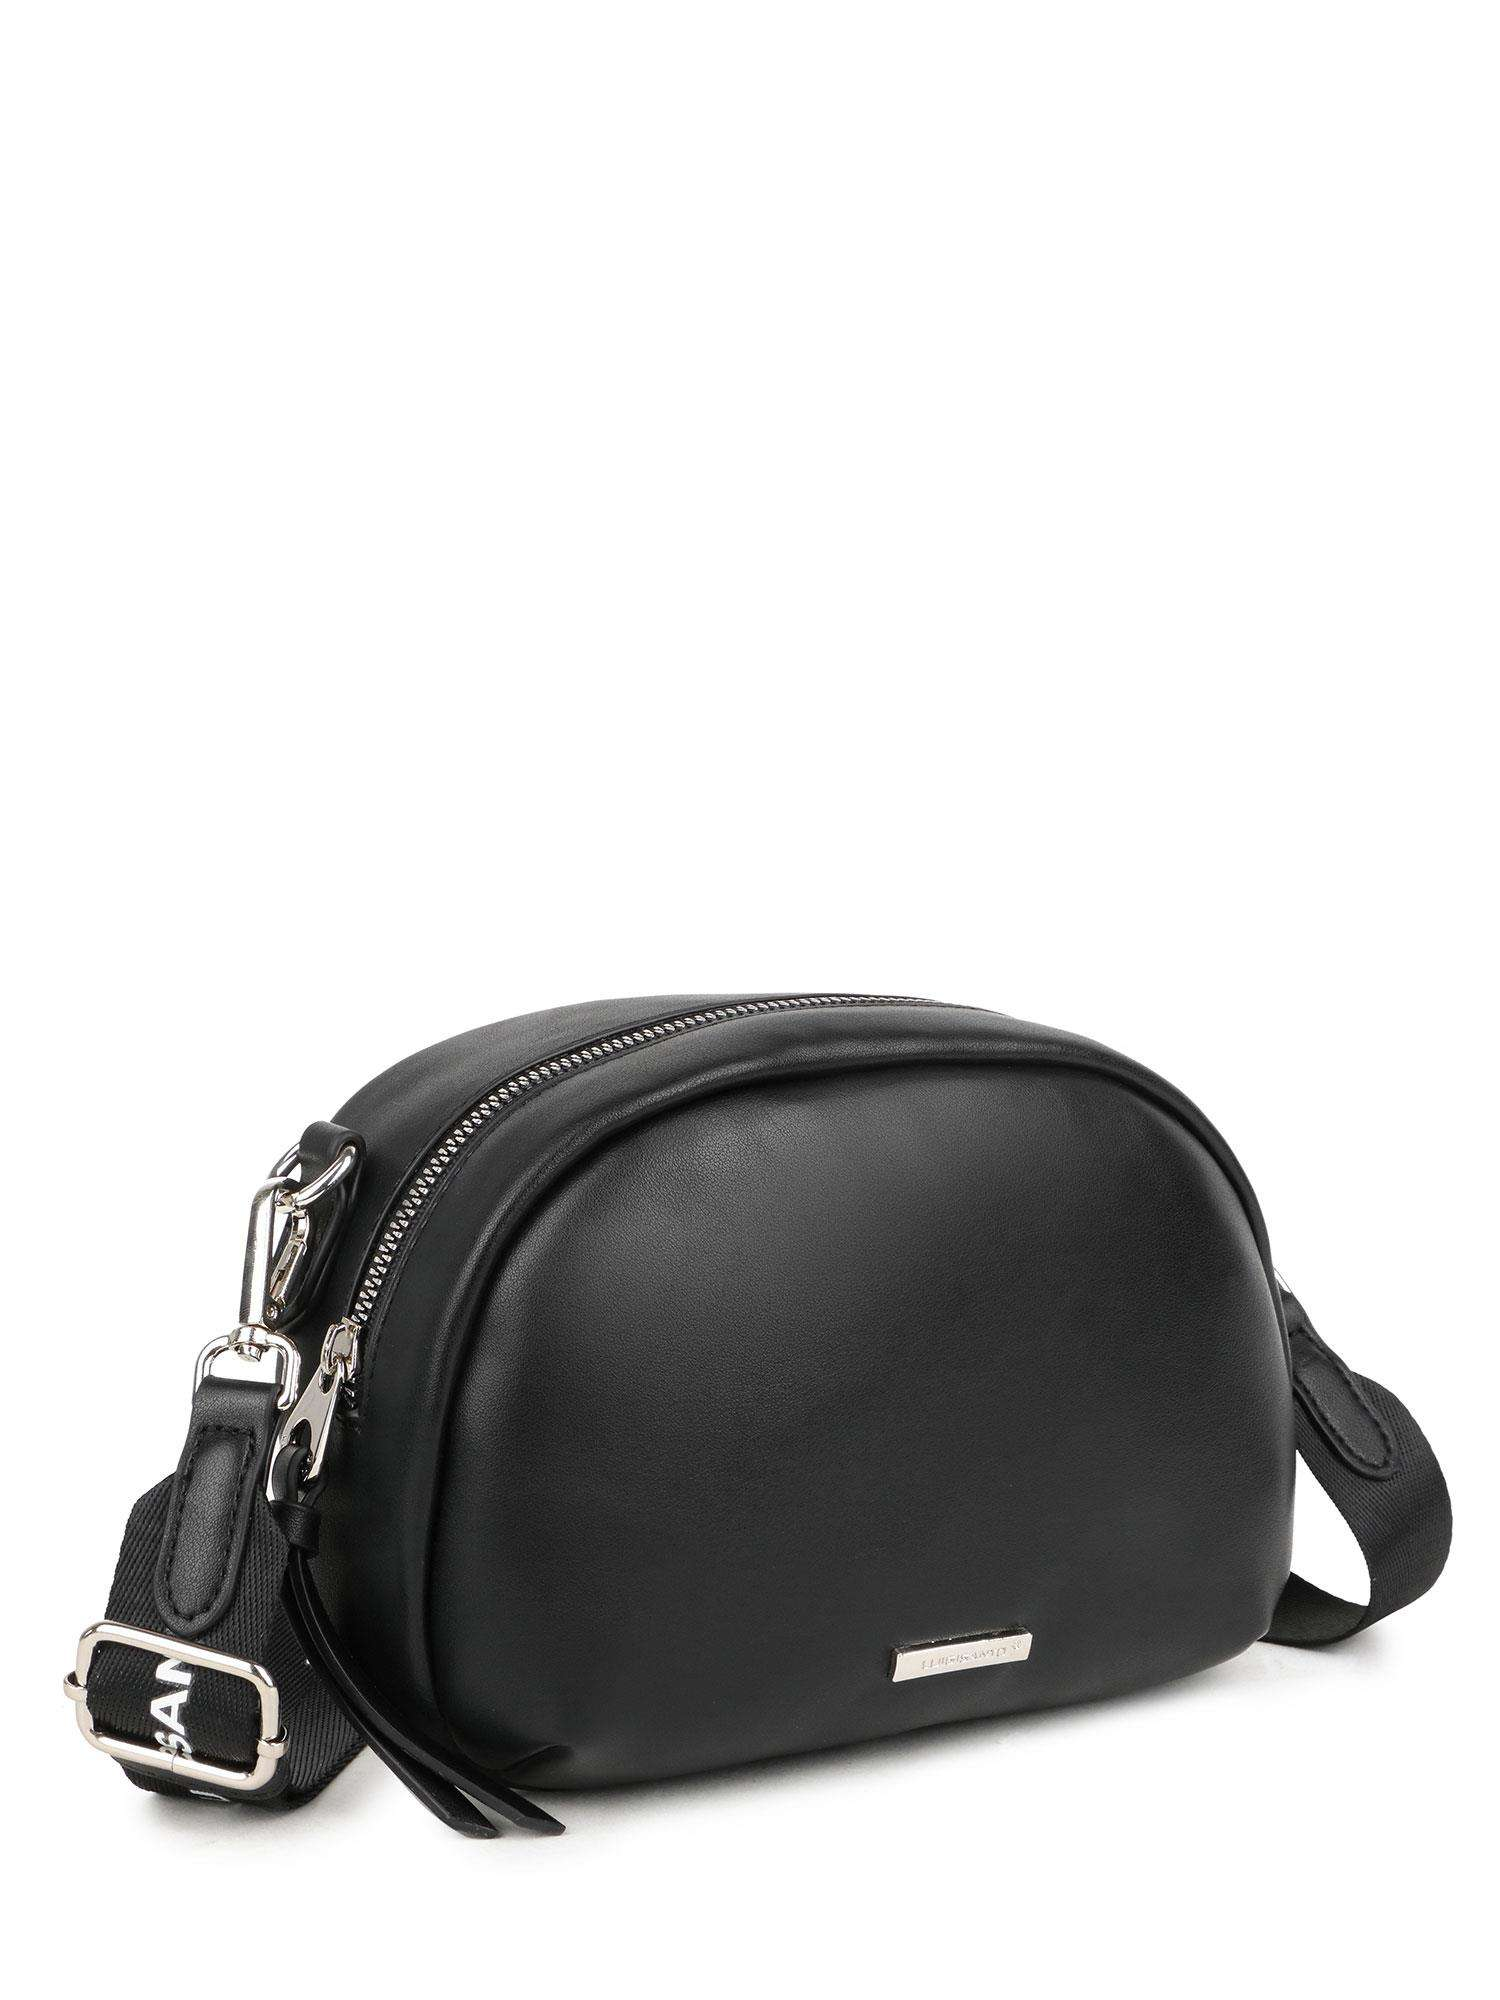 Dámska čierna crossbody kabelka - UNI